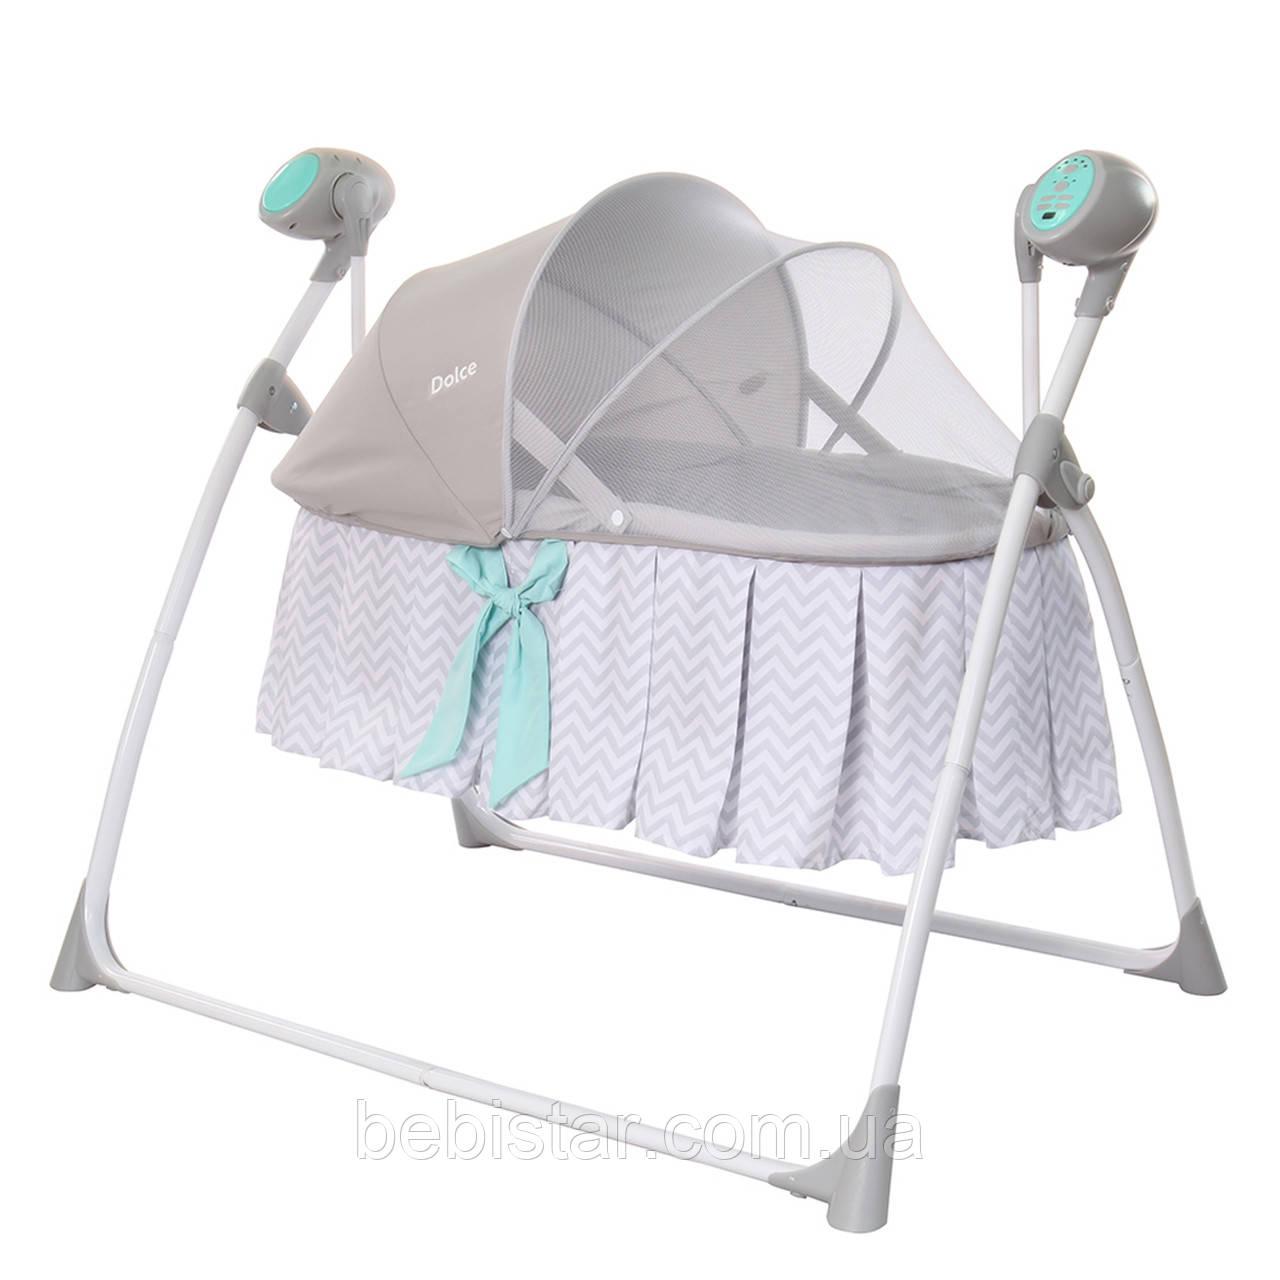 Люлька качалка колыбель серая Carrello Dolce с пультом от сети москитная сетка матрасик для новорожденных